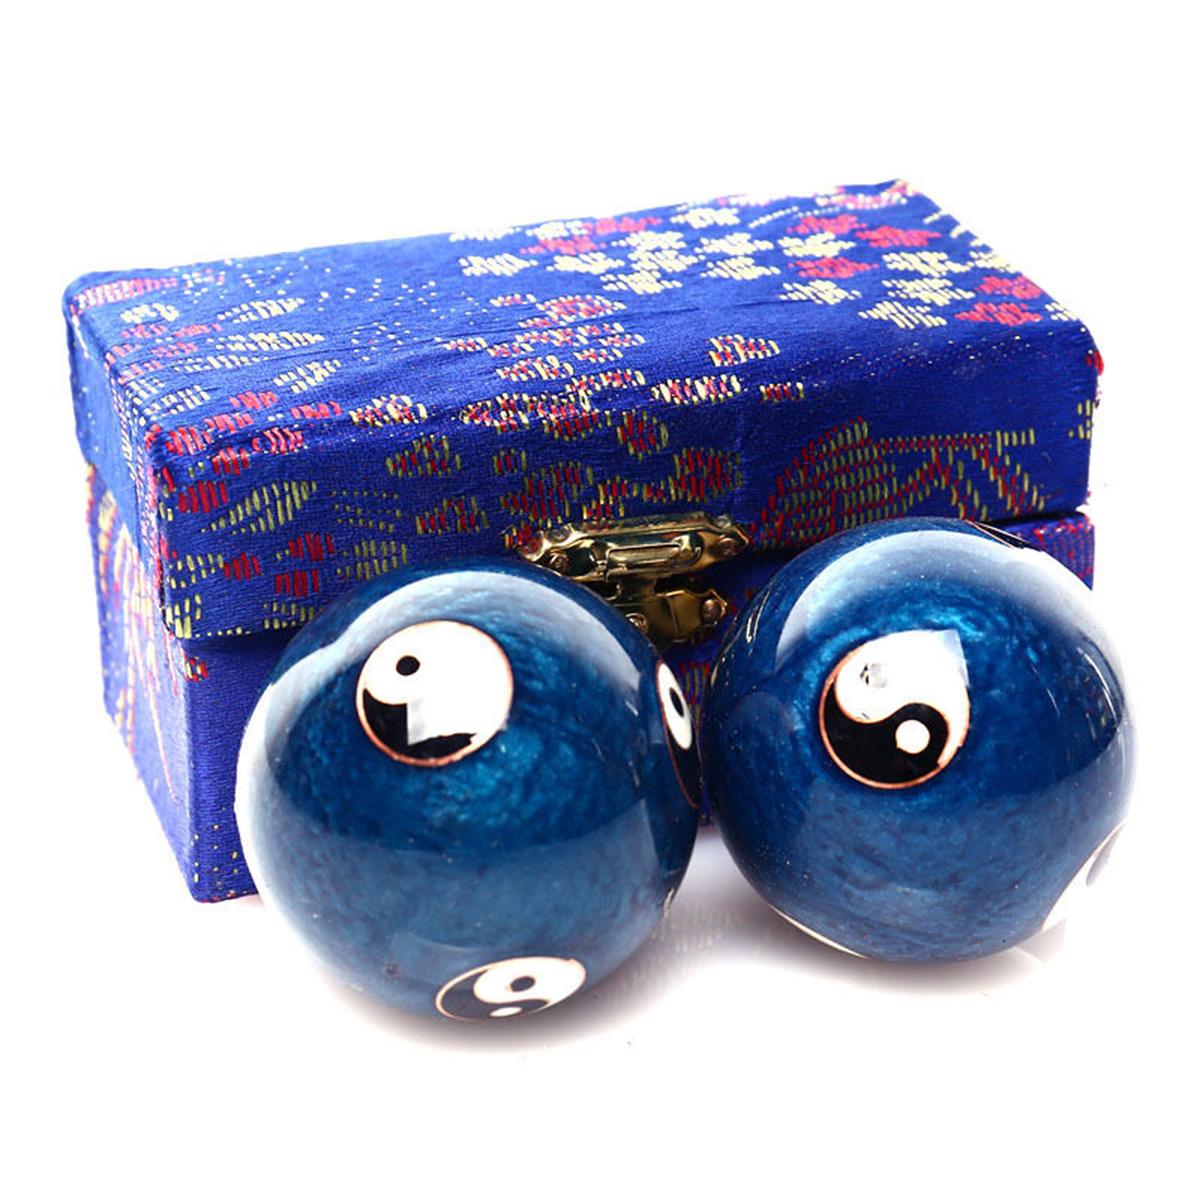 Китайский Здоровье Ball Ежедневный Упражнение Стресс Relief Гандбол Терапия Massager Balls - фото 3